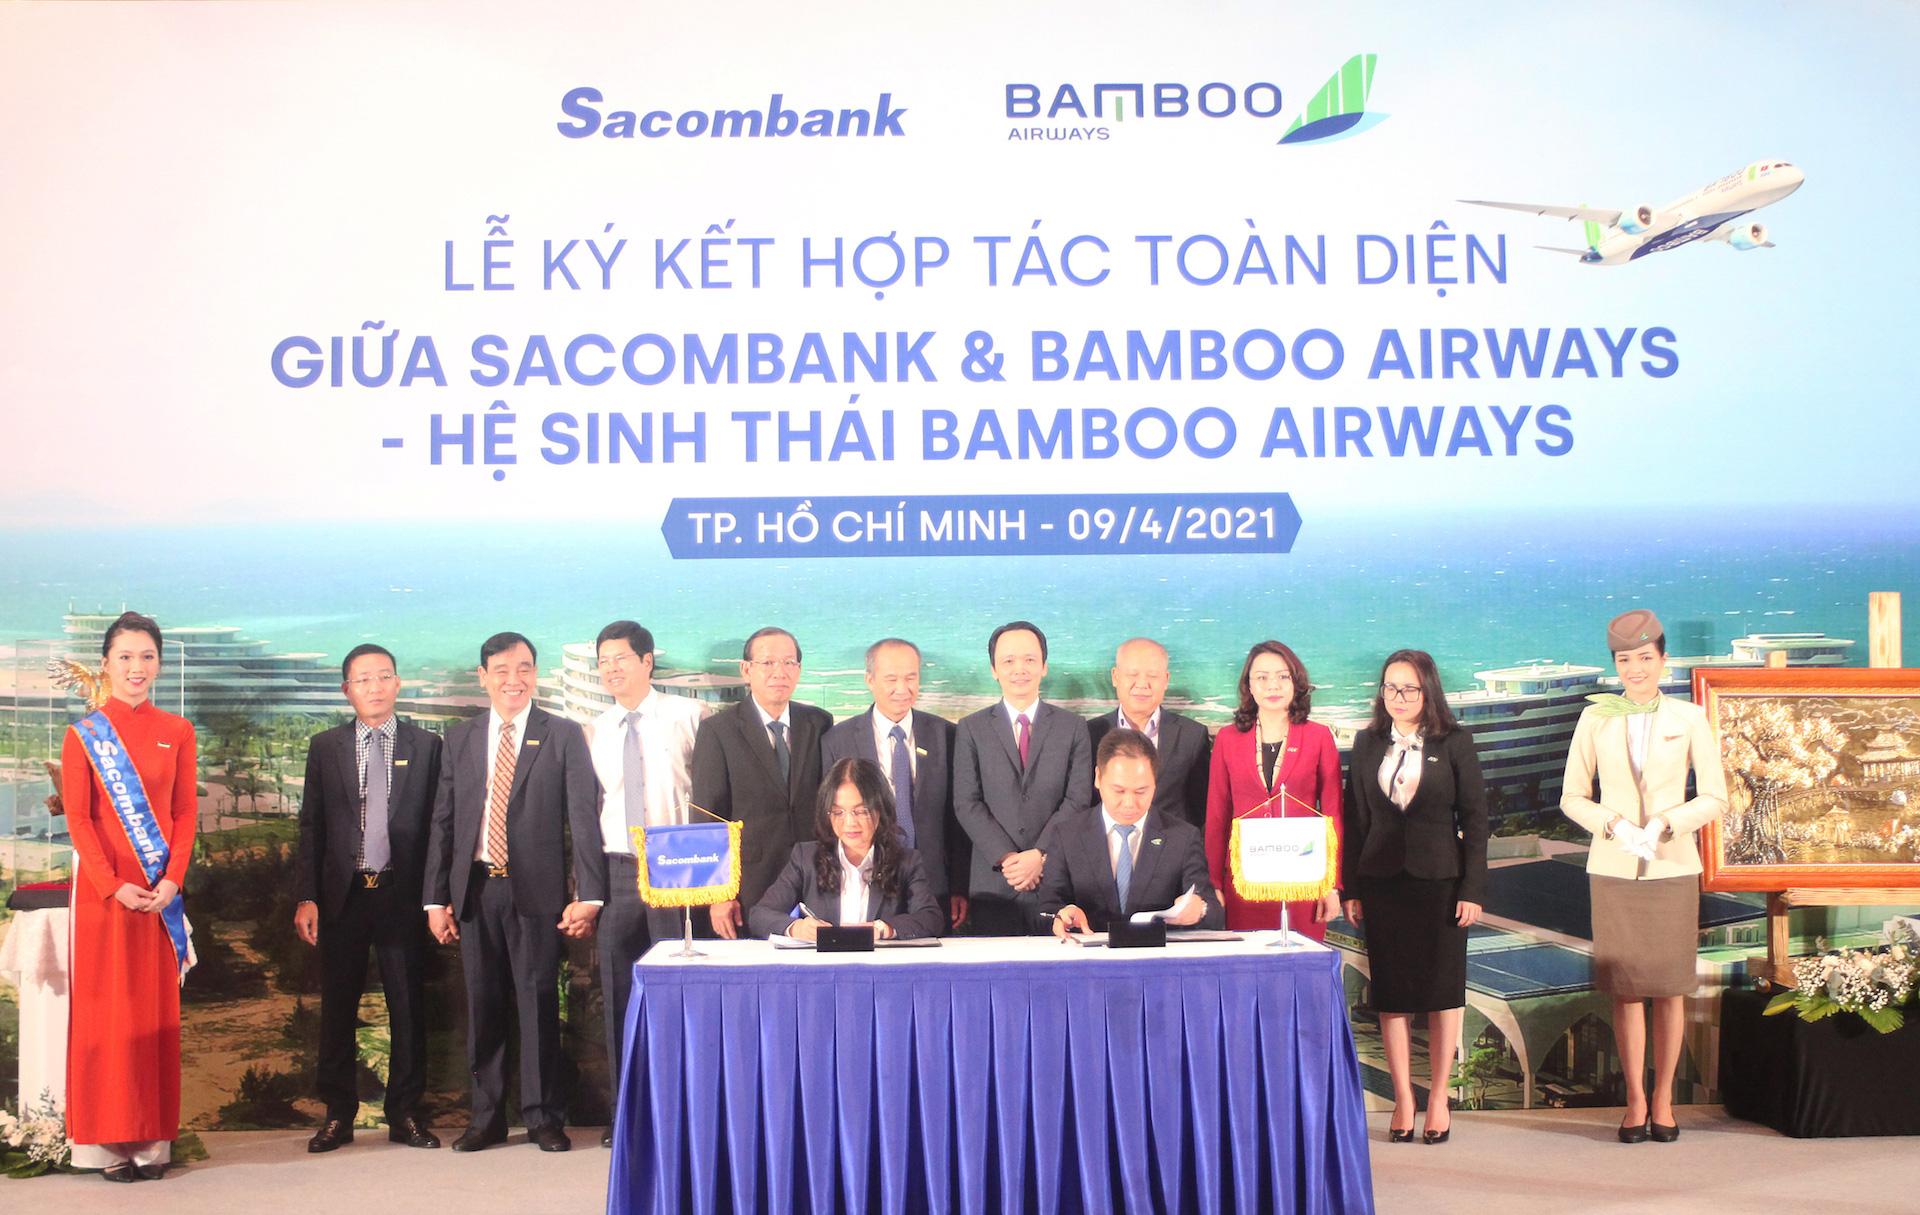 Chủ tịch Sacombank tại lễ ký hợp tác toàn diện với Bamboo Airways: 'Hai thương hiệu, triệu giá trị' - Ảnh 1.